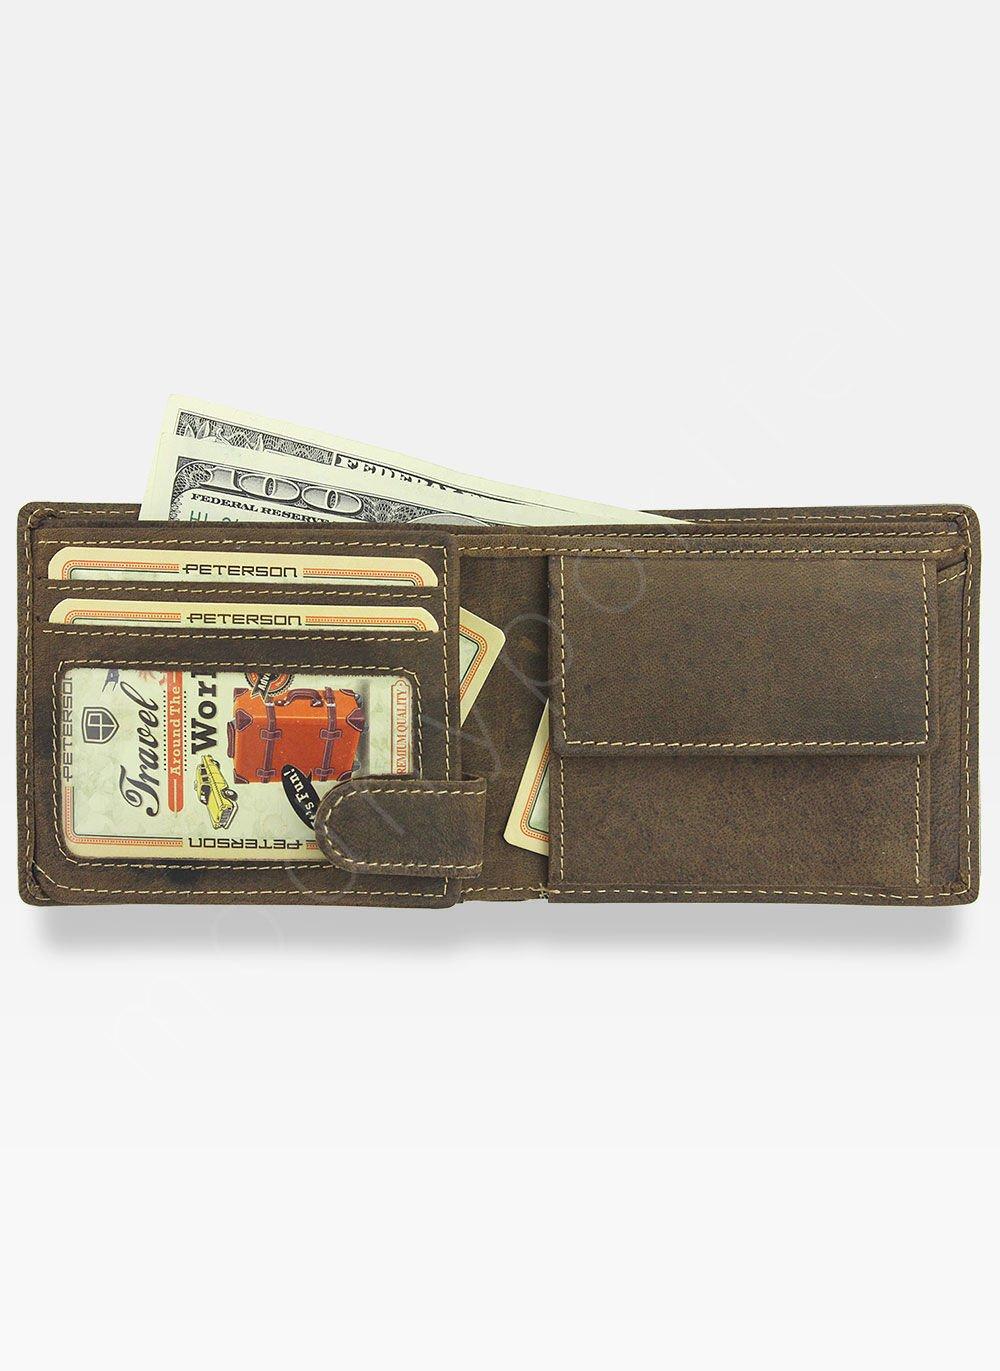 82b4486e40d9f Kompaktowy Portfel Męski Peterson Skórzany 367 RFID 367 2-1-4 RFID ...